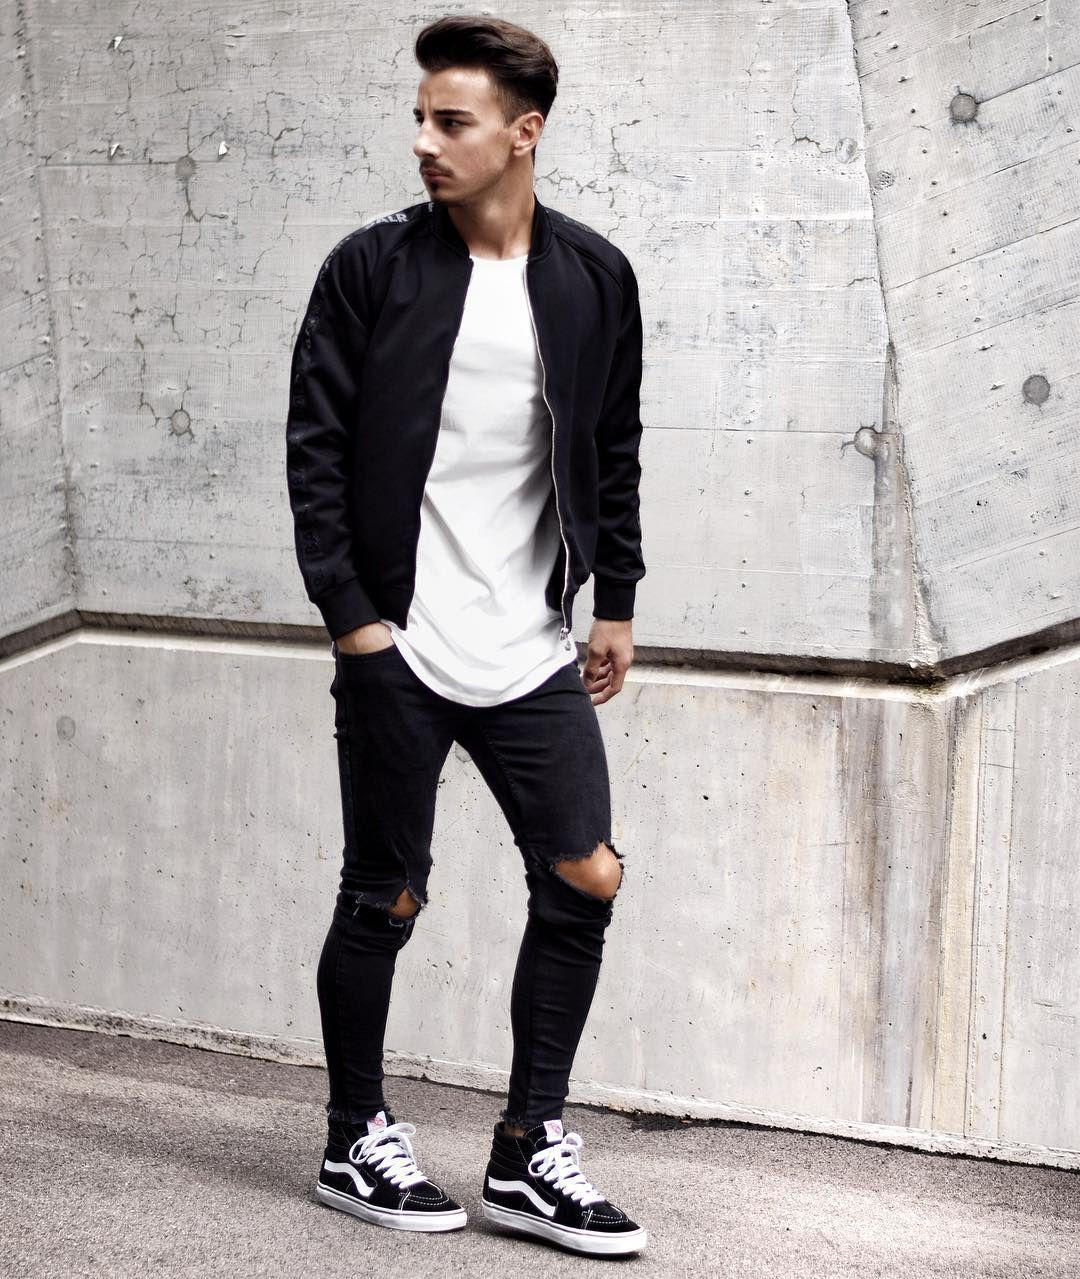 """a97e87d906e Giống như Vans Old Skool. Những đôi giày Vans Hi-SK8 cũng rất được lòng các  """"sneakerhead"""" chính hiệu. Và luôn được xếp vào top những đôi giày sneaker  cao cổ ..."""